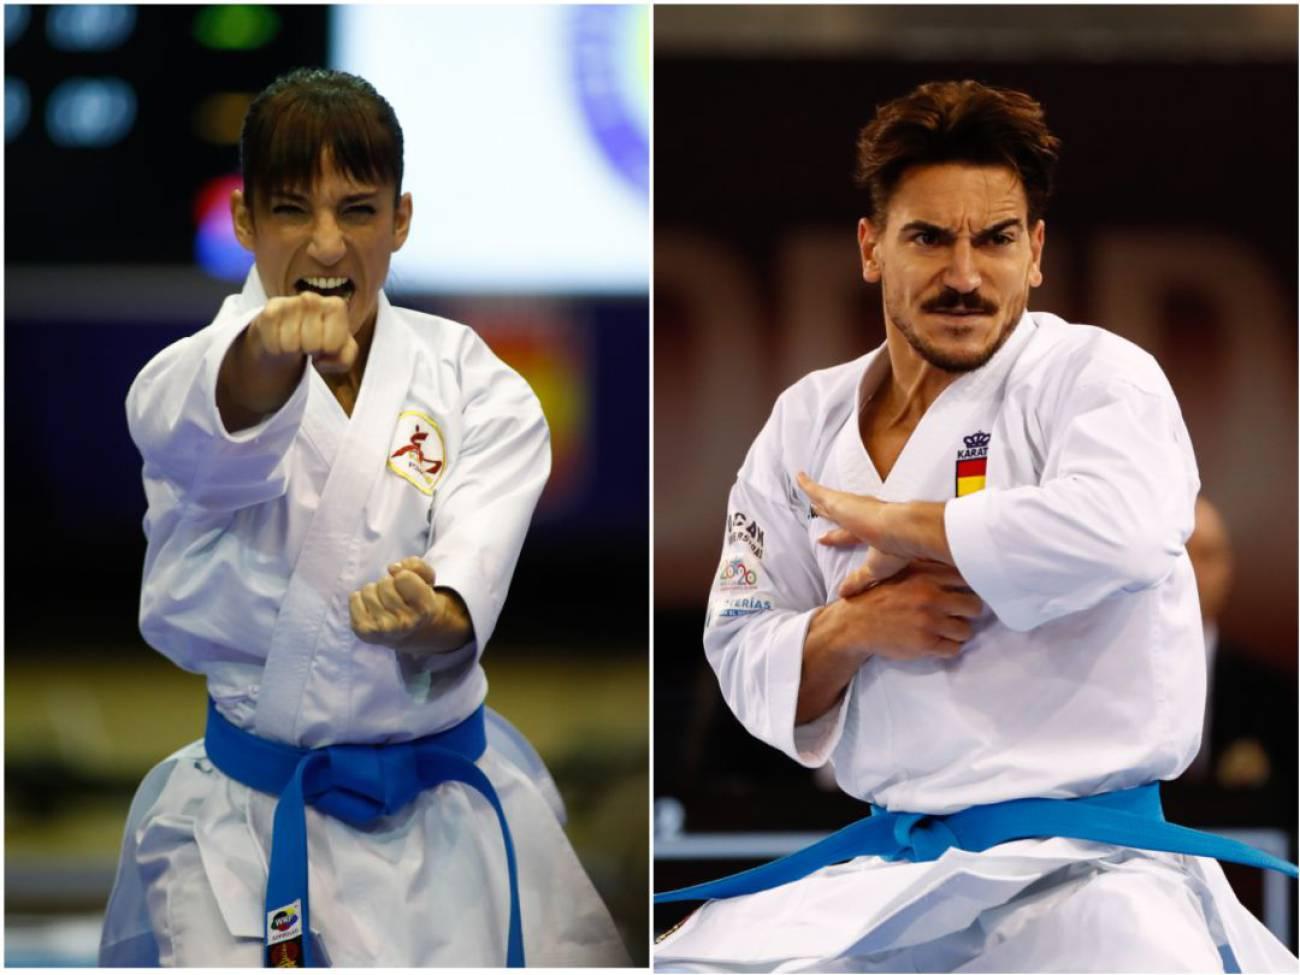 El único golpe de Sandra Sánchez y Damián Quintero para alcanzar el Olimpo